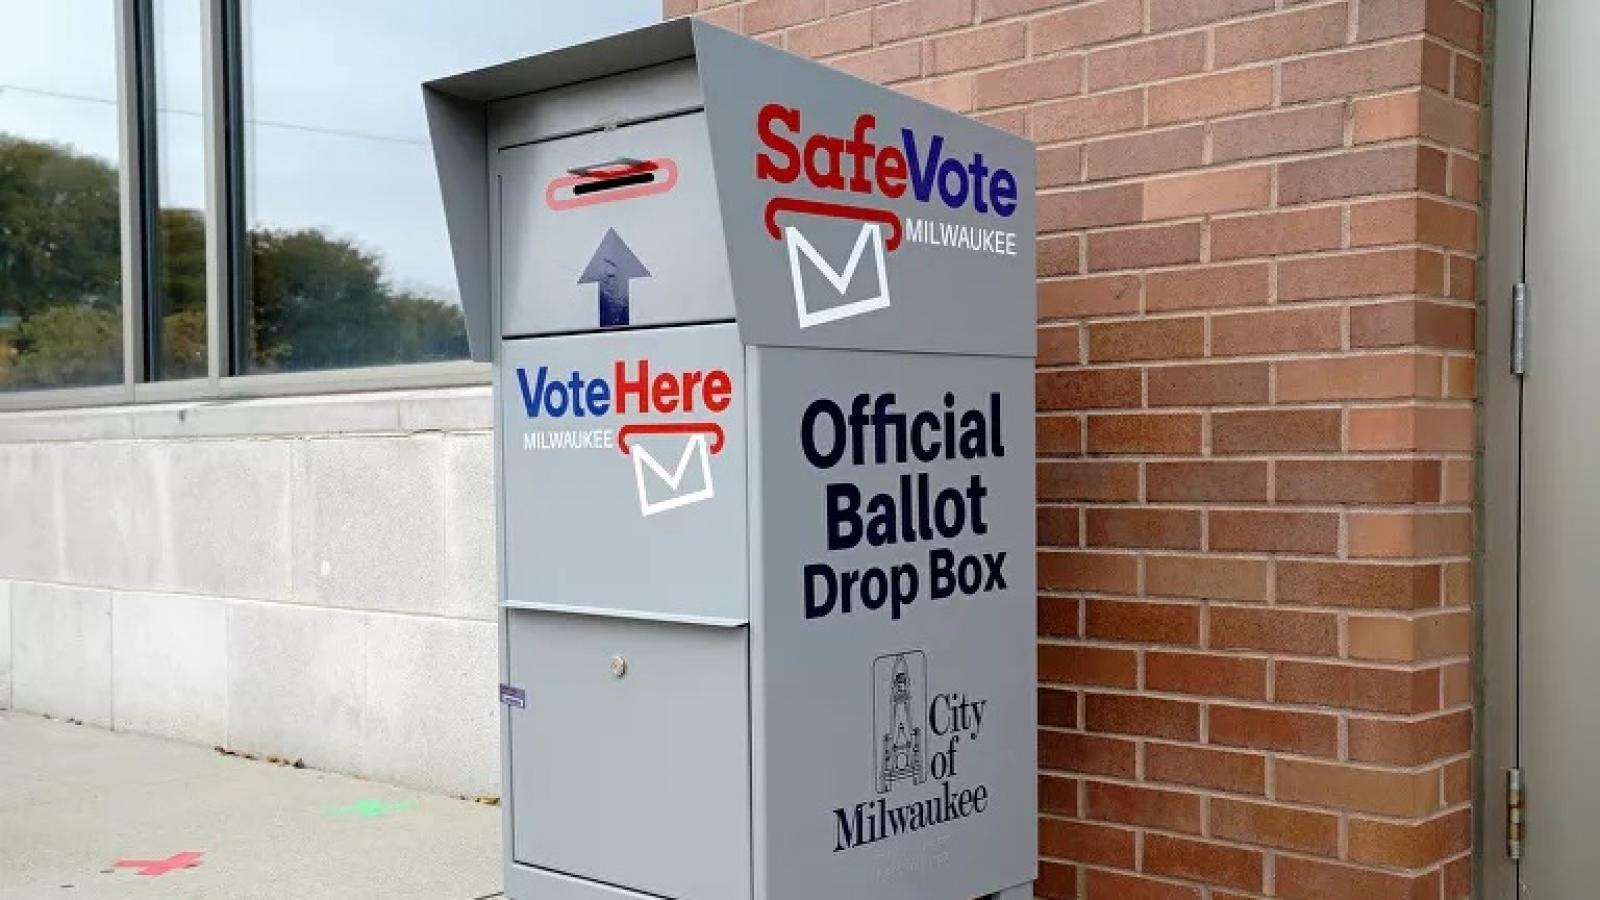 Vì sao Bầu cử tổng thống Mỹ 2020 chậm có kết quả cuối cùng và khó dự đoán đến phút chót?